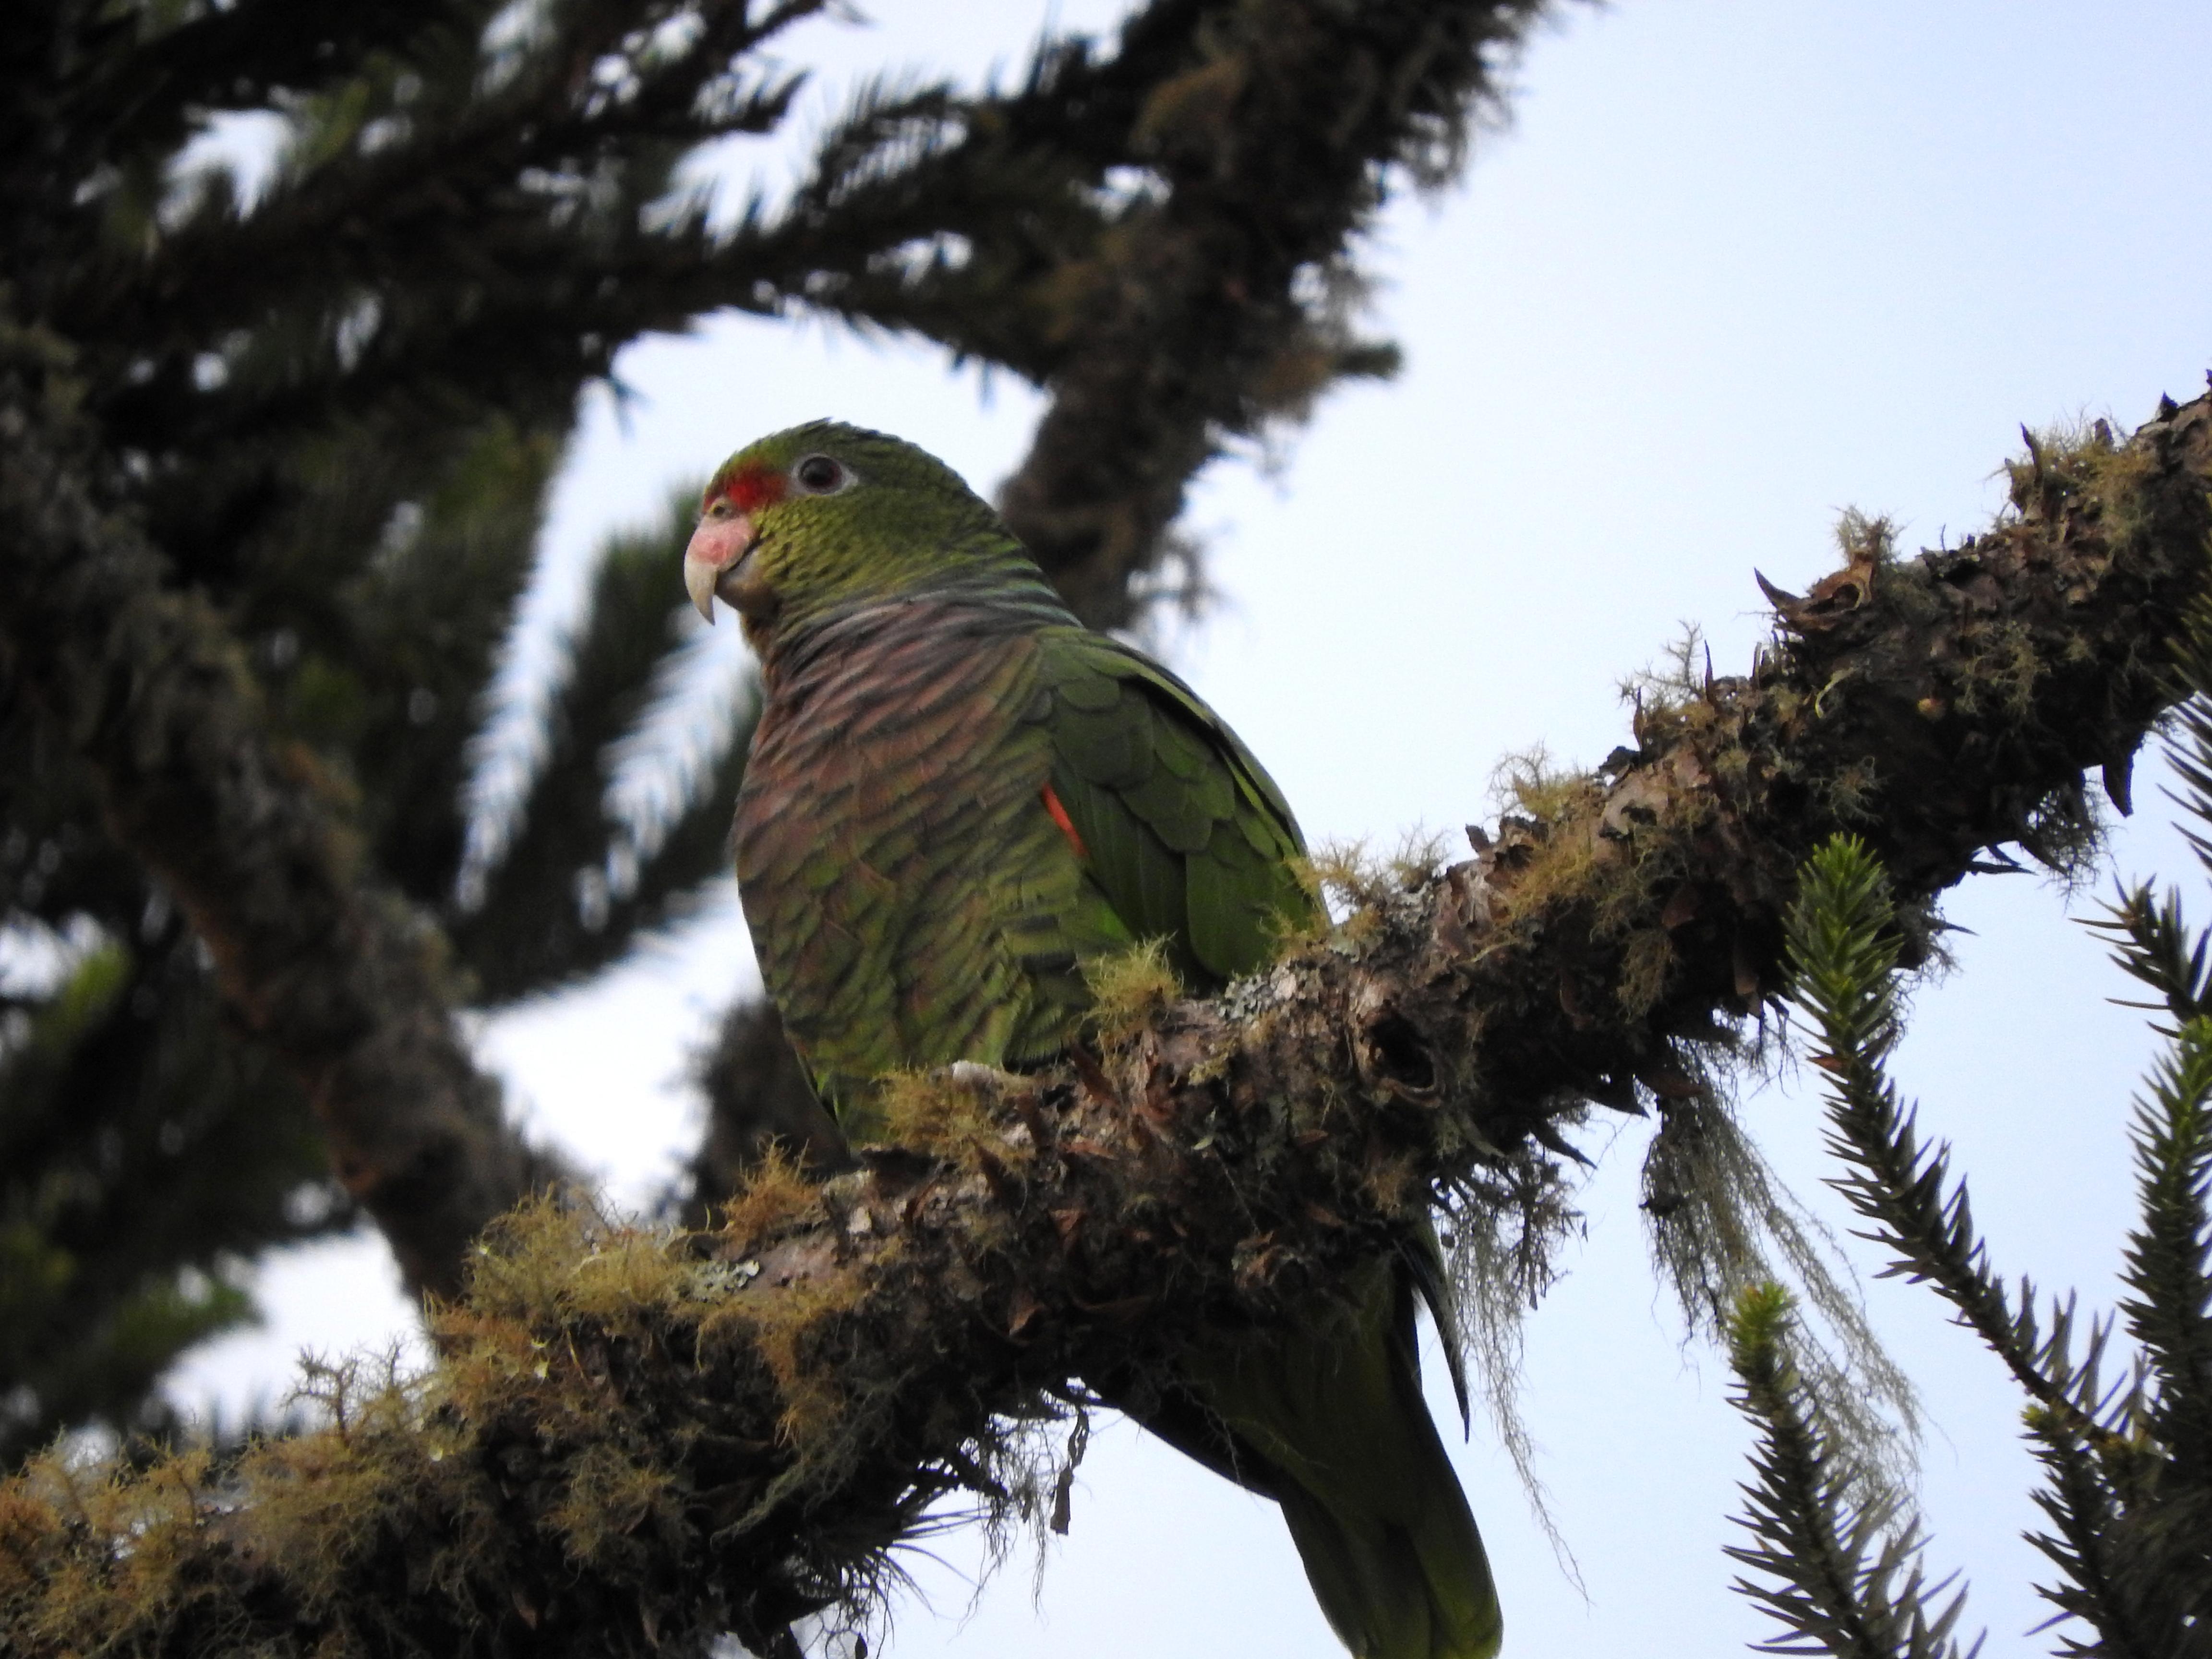 04-papagaio-de-peito-roxo-amazona-vinacea-foto-de-andriele-rizzi-dscn2160